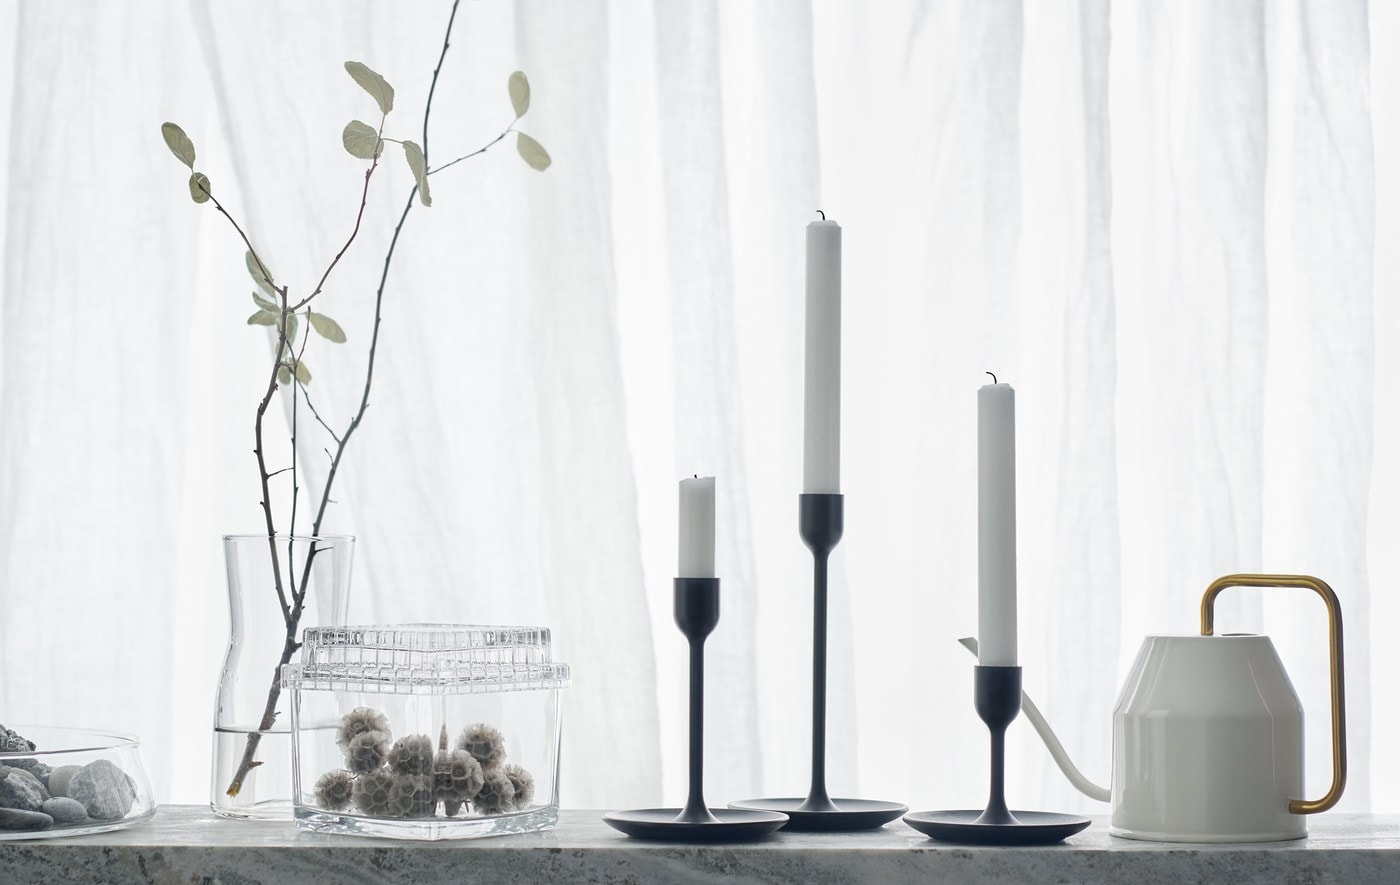 Trois chandeliers noirs de hauteurs variées placés devant un rideau blanc et à proximité d'un arrosoir et d'un contenant en verre.